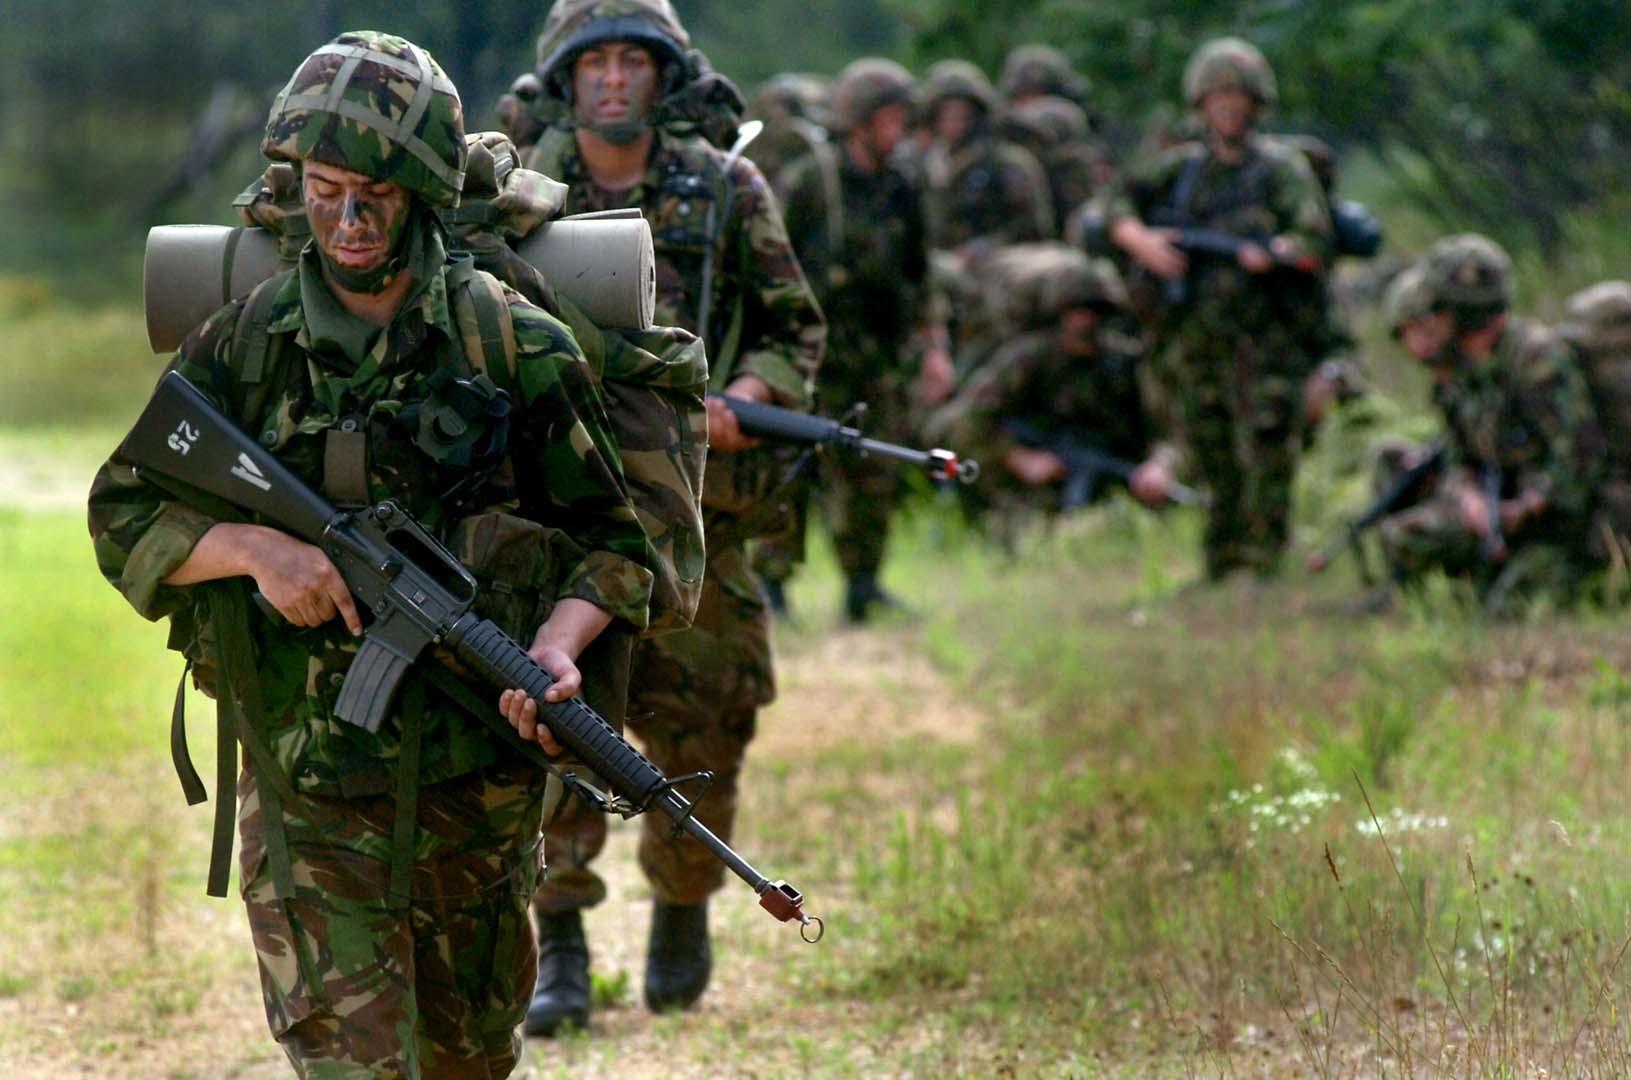 Askere gidene ne denir ? Askere giden sevgiliye ne denir?